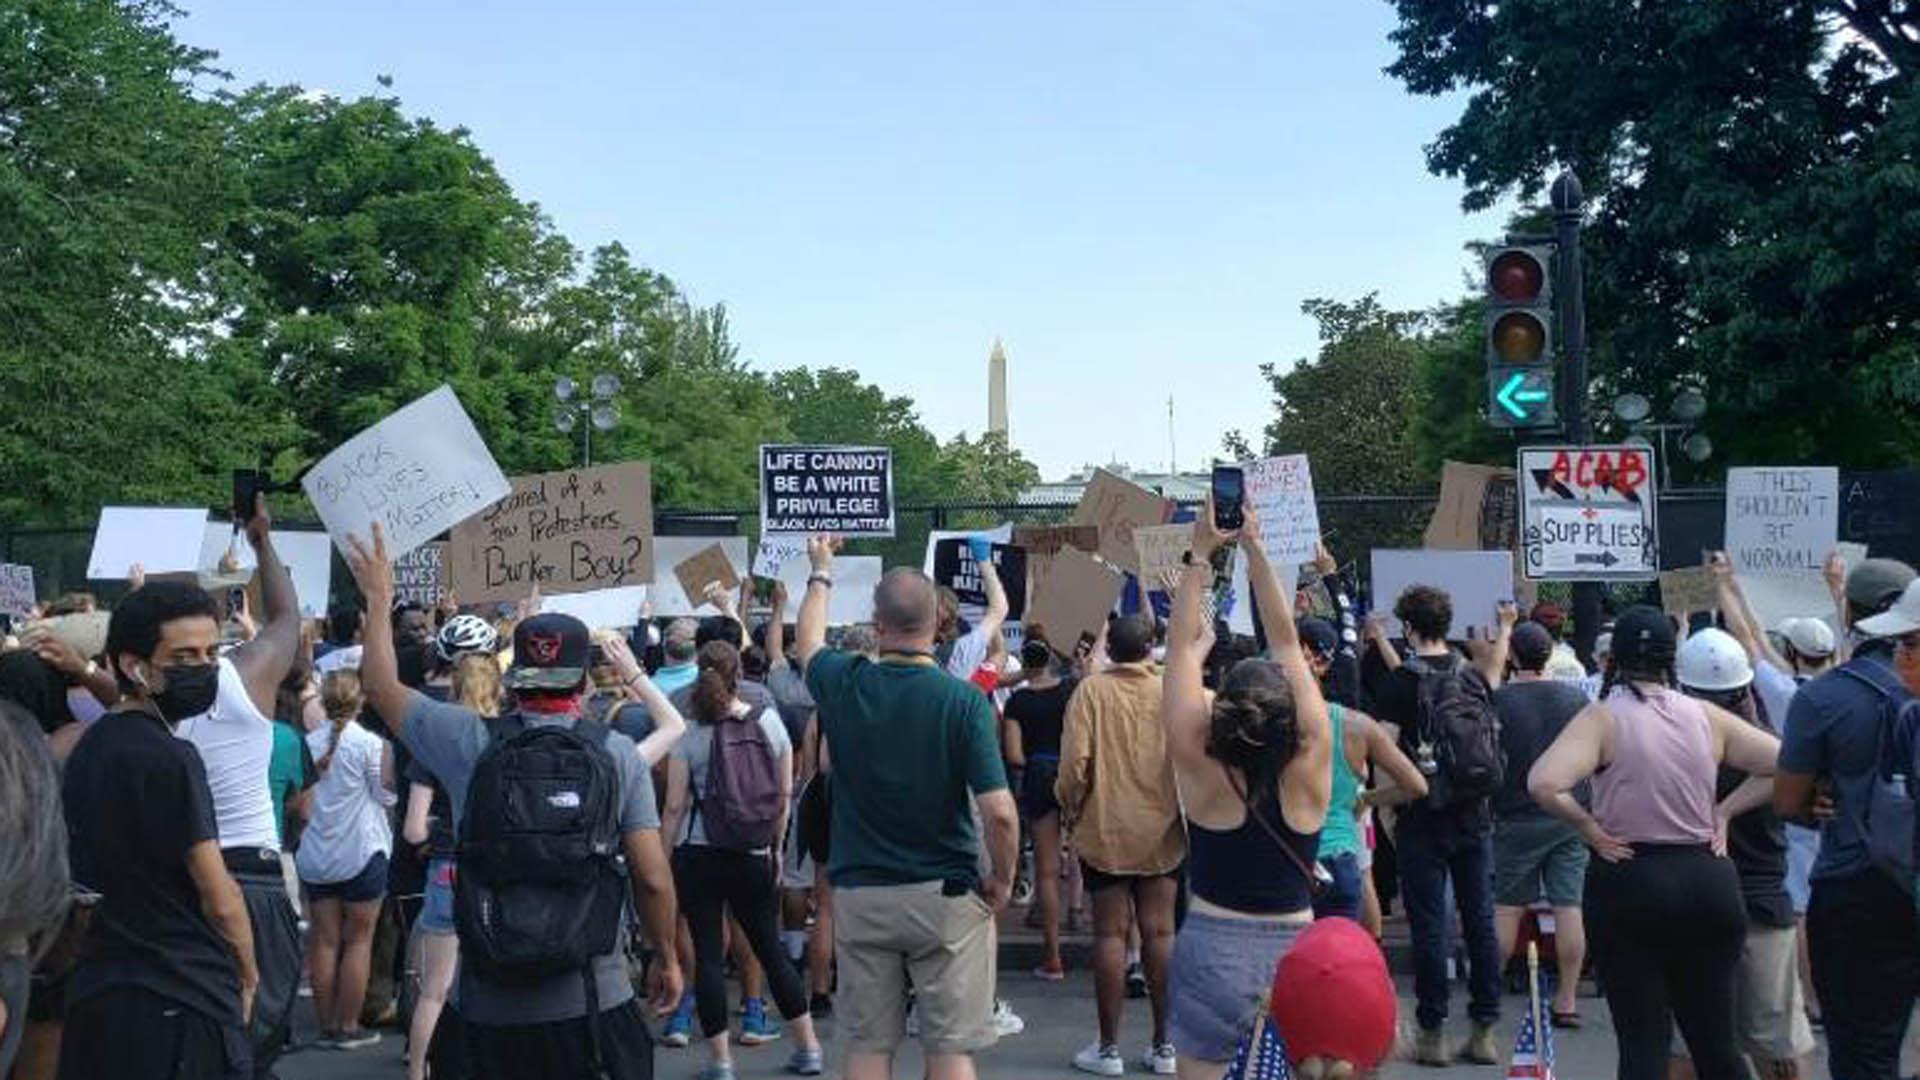 美시위 11일째 대체로 평화시위…워싱턴DC 배치 軍 철수 시작